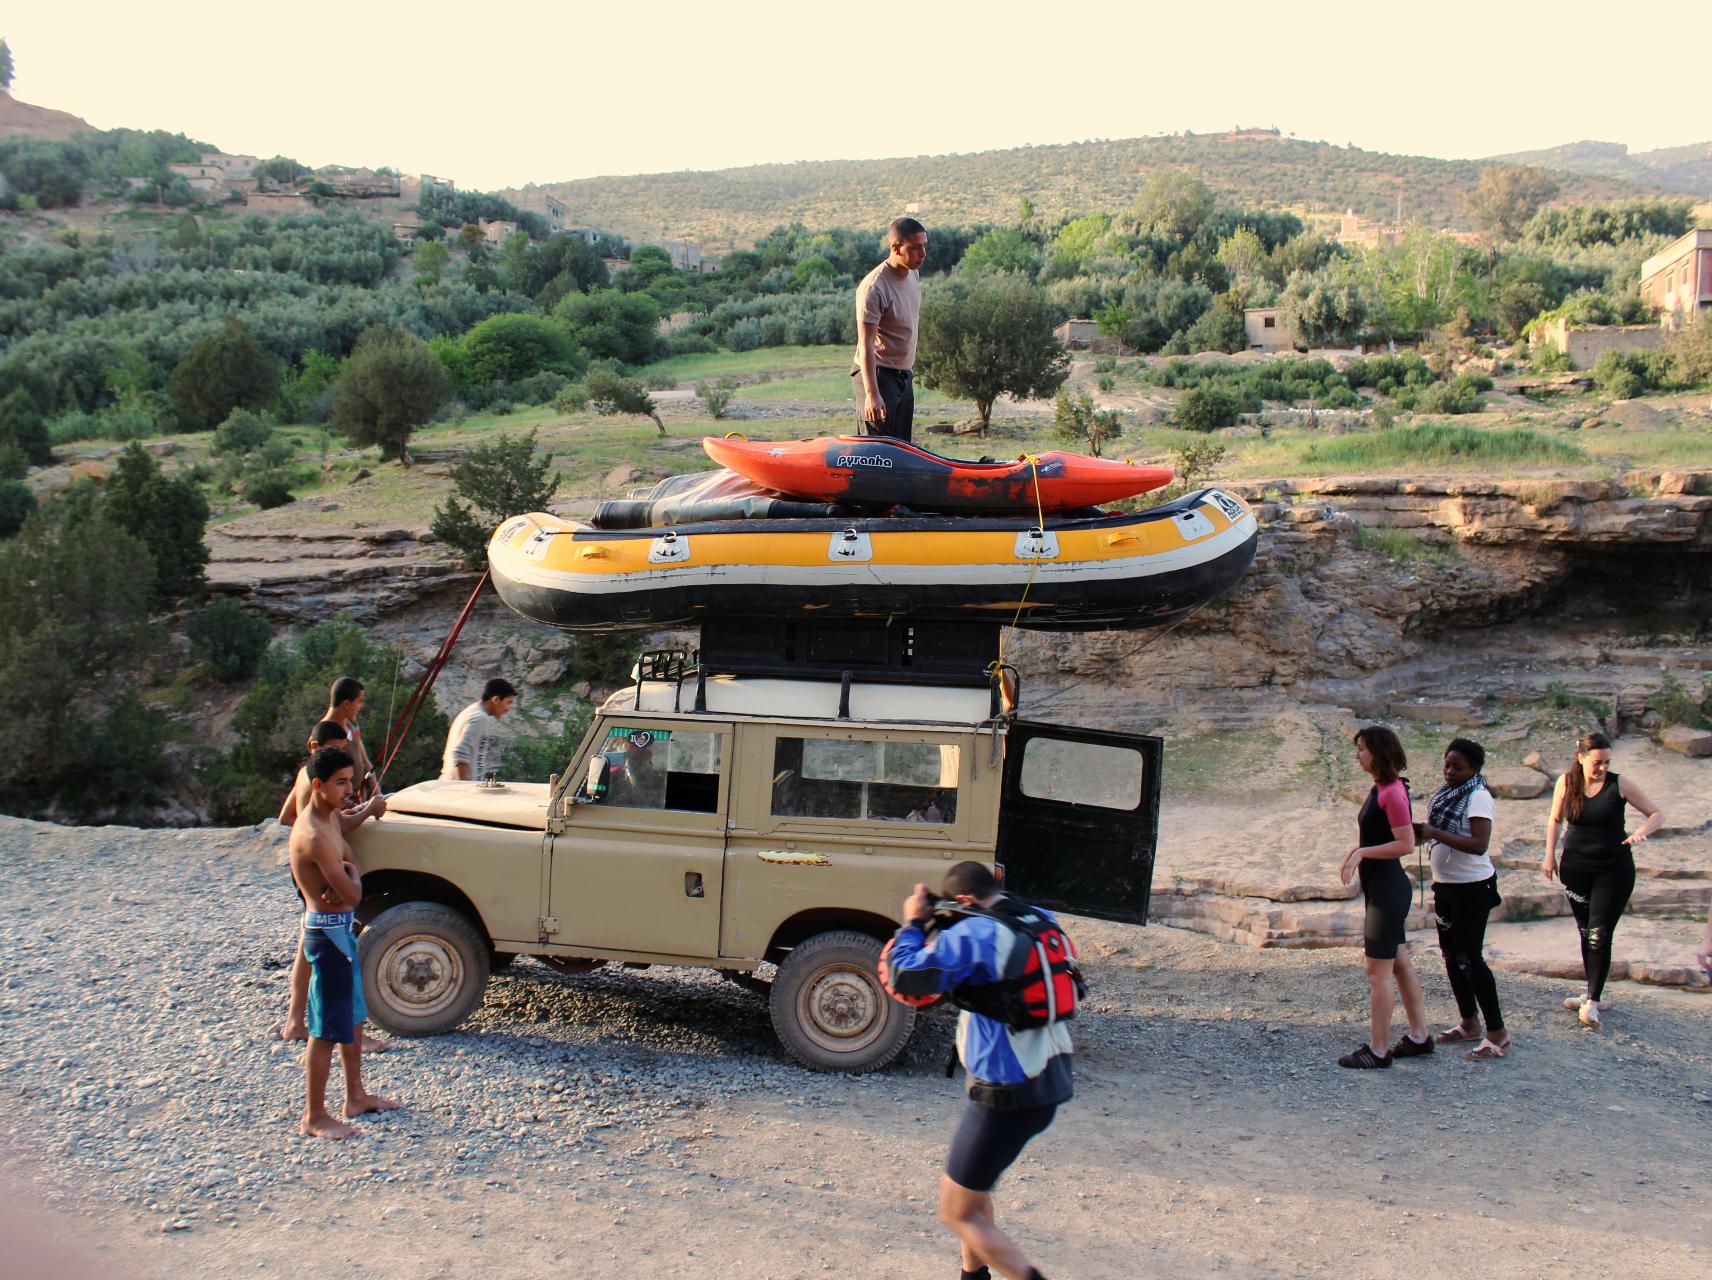 Ahansal river oued family trekking